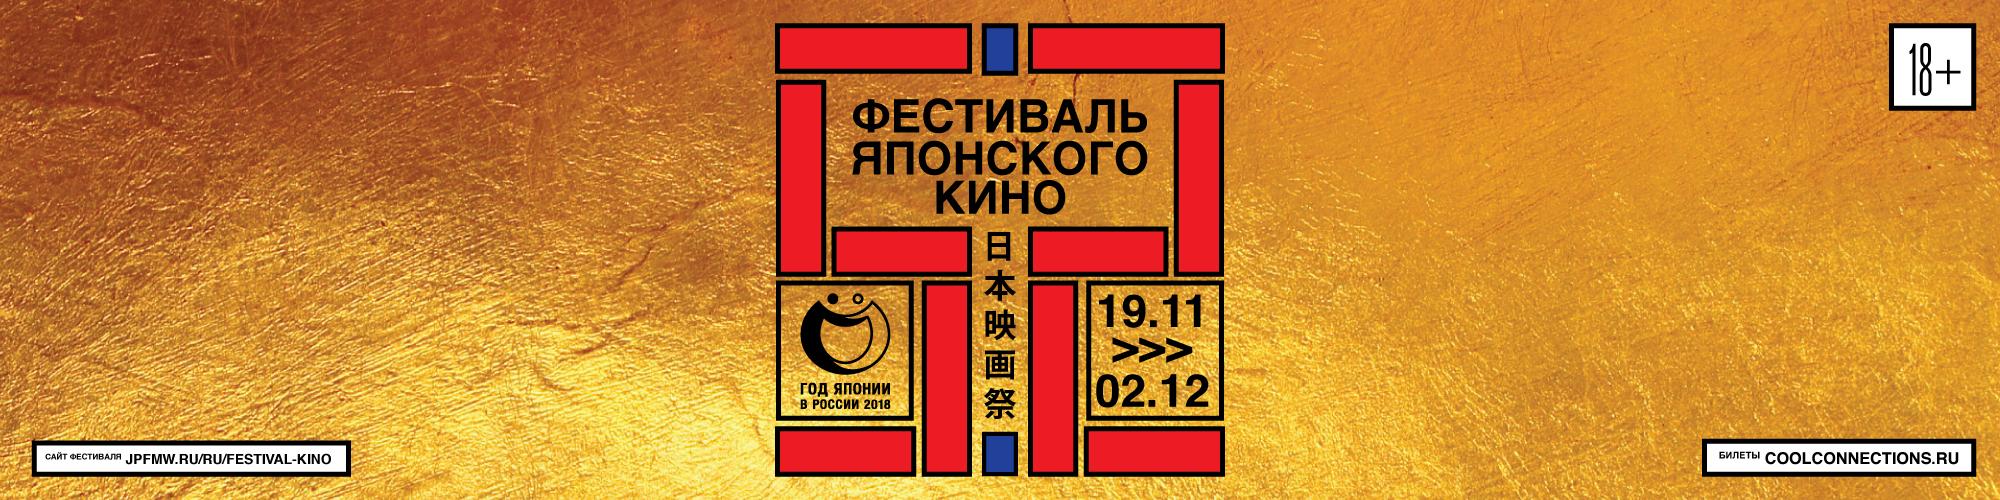 52-фестиваль-японского-кино-КультКино-cultofcinema.com_